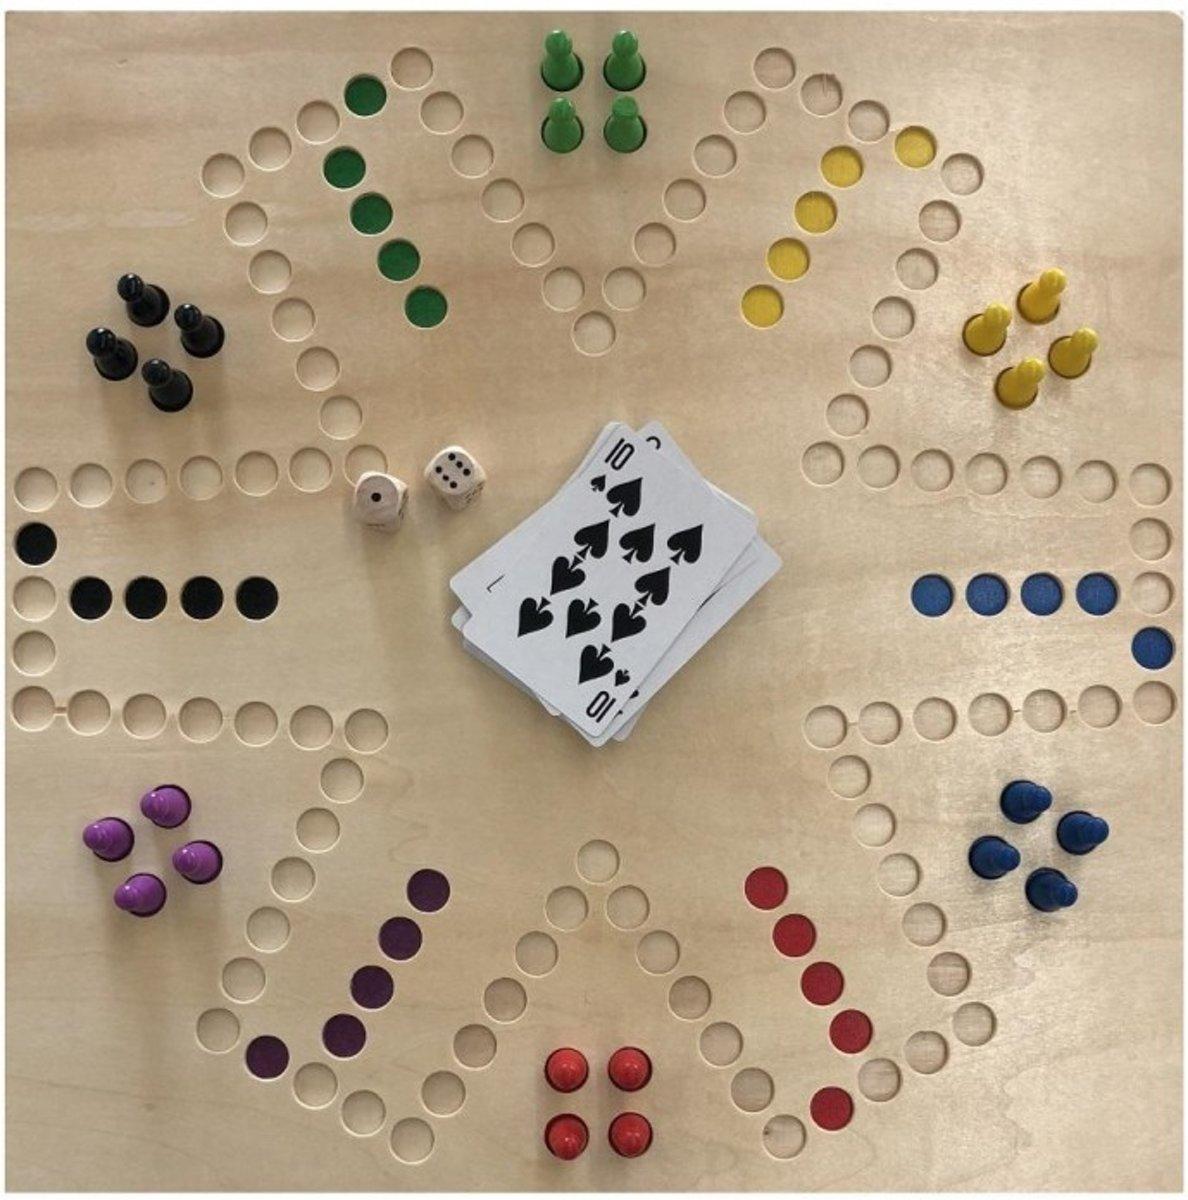 Spel Keezen de luxe - 2 tot 6 pers dubbelzijdig houten speelbord - ThysToys keezenspel